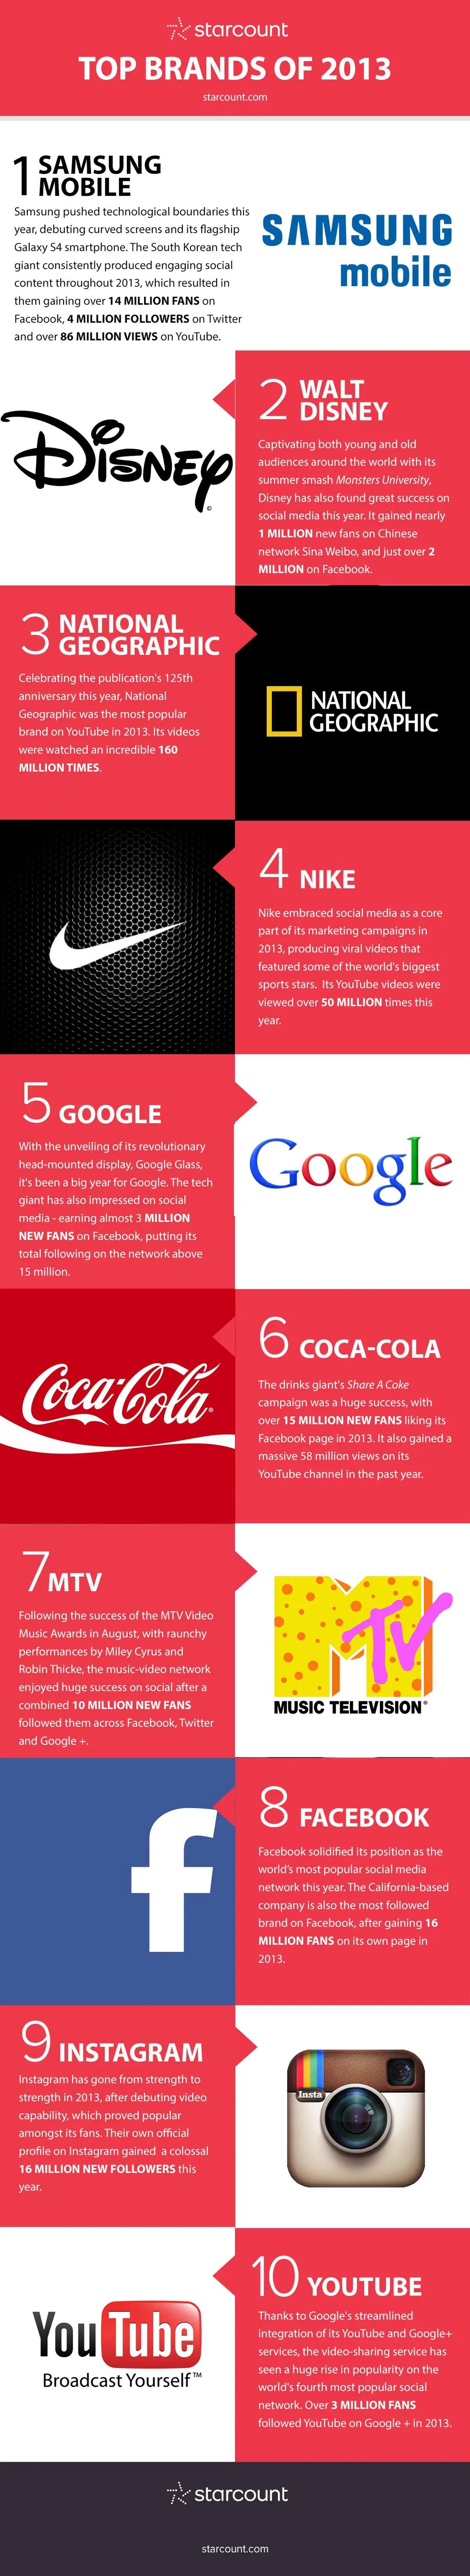 Top 10 Brands on Social Media in 2013